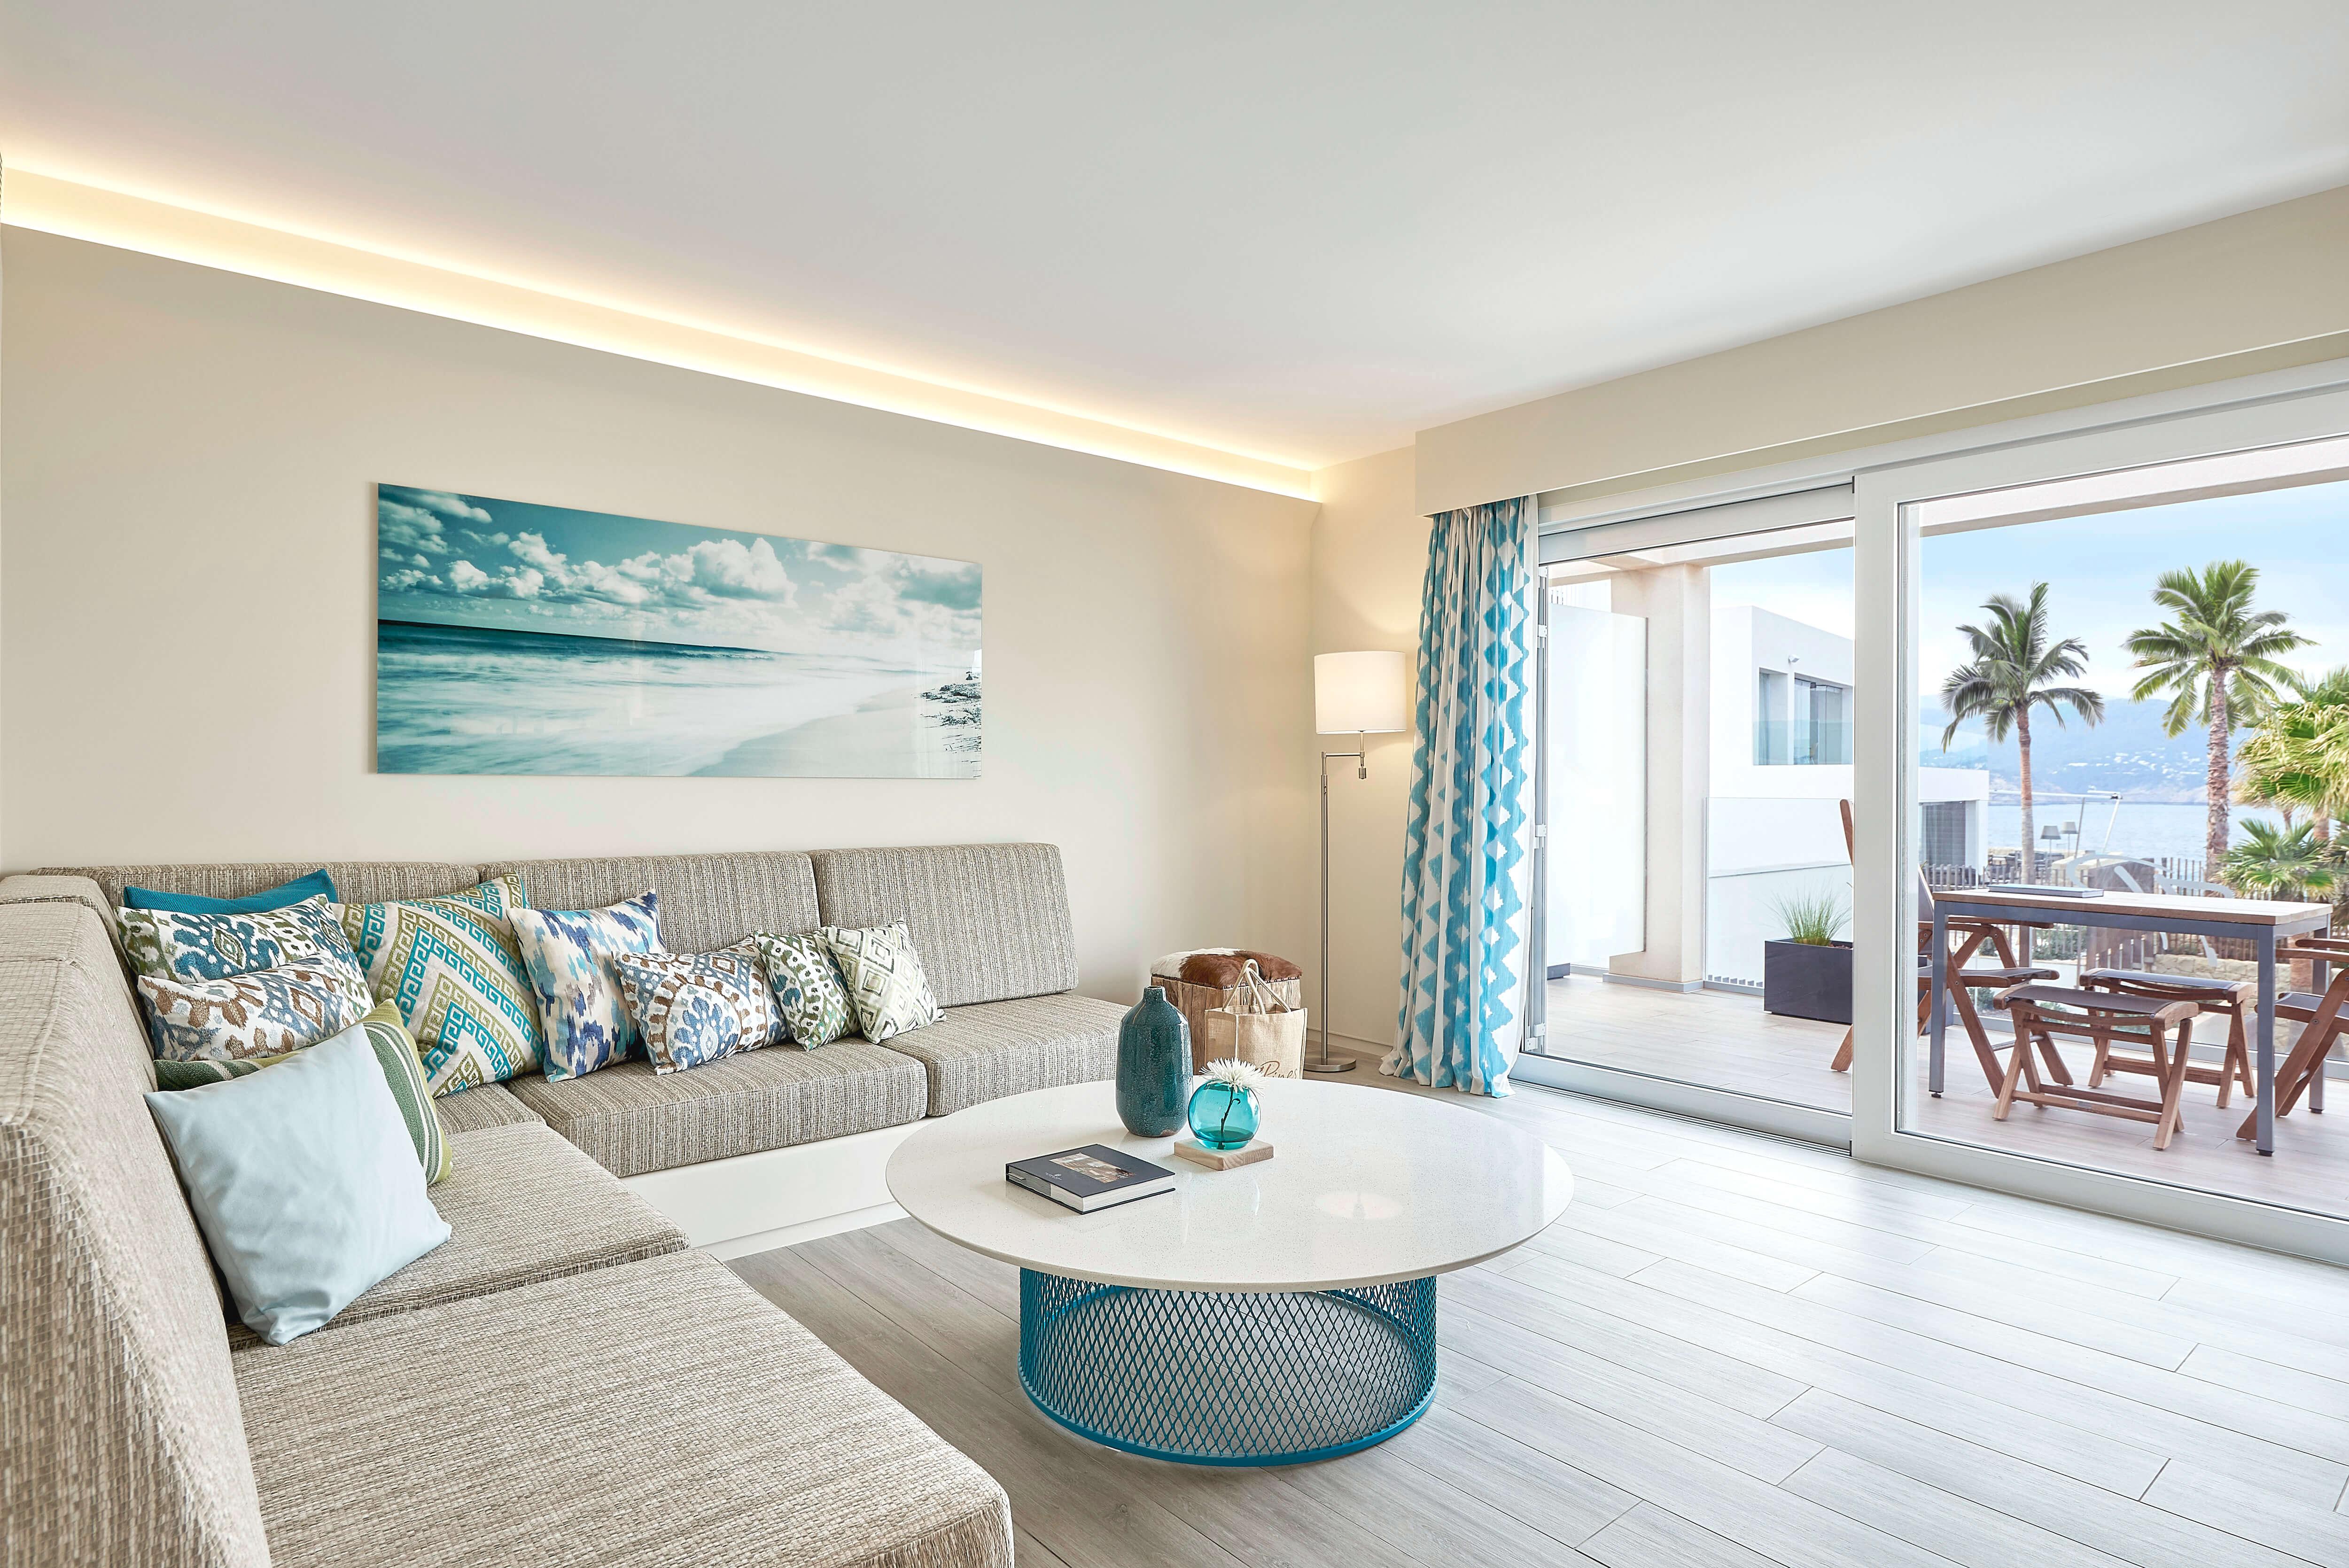 7KIBZ1_Resort-Suite-Sea-View-Deluxe_H